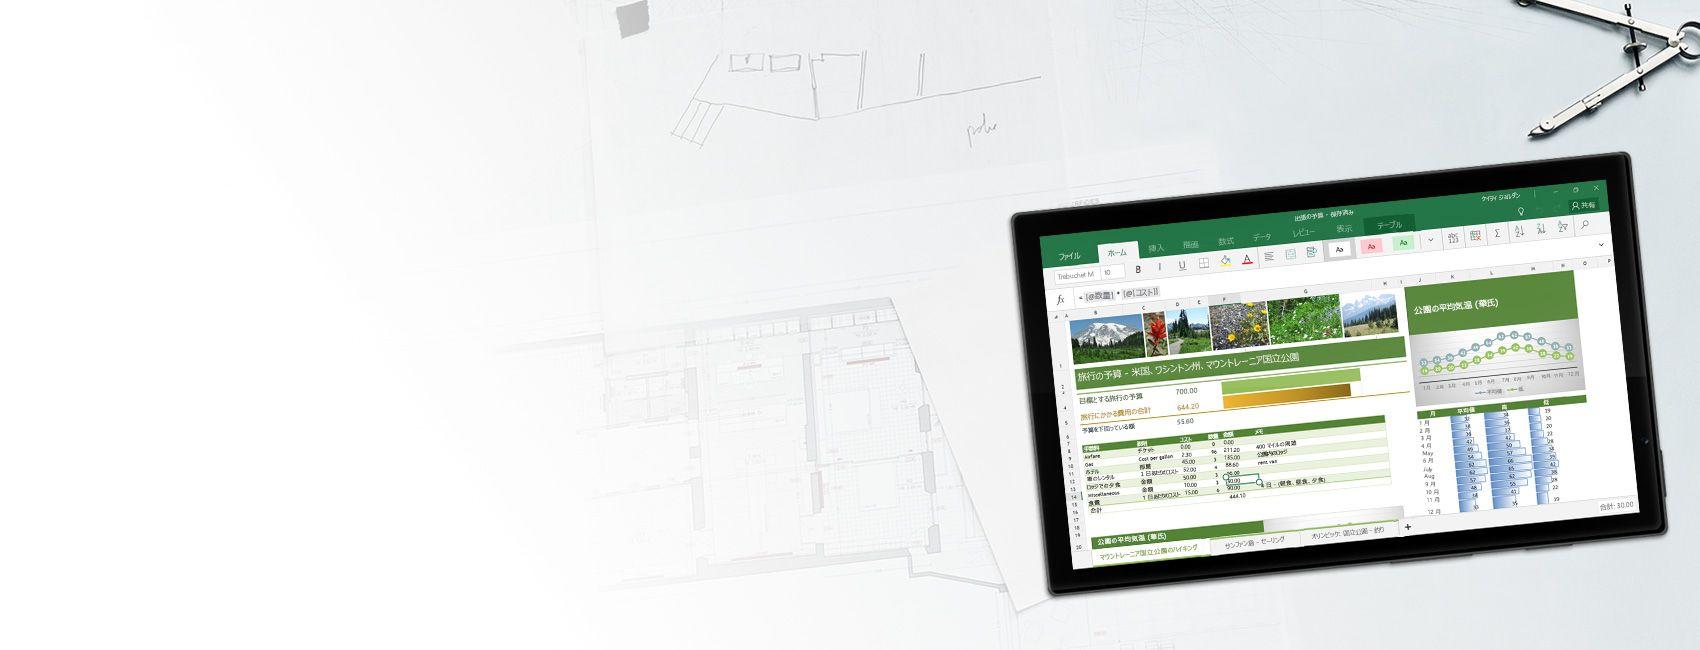 Windows タブレットに、Windows 10 Mobile 向け Excel で作成した Excel スプレッドシートが表示されています。この中にはサンプルのグラフと旅行の予算のレポートがあります。